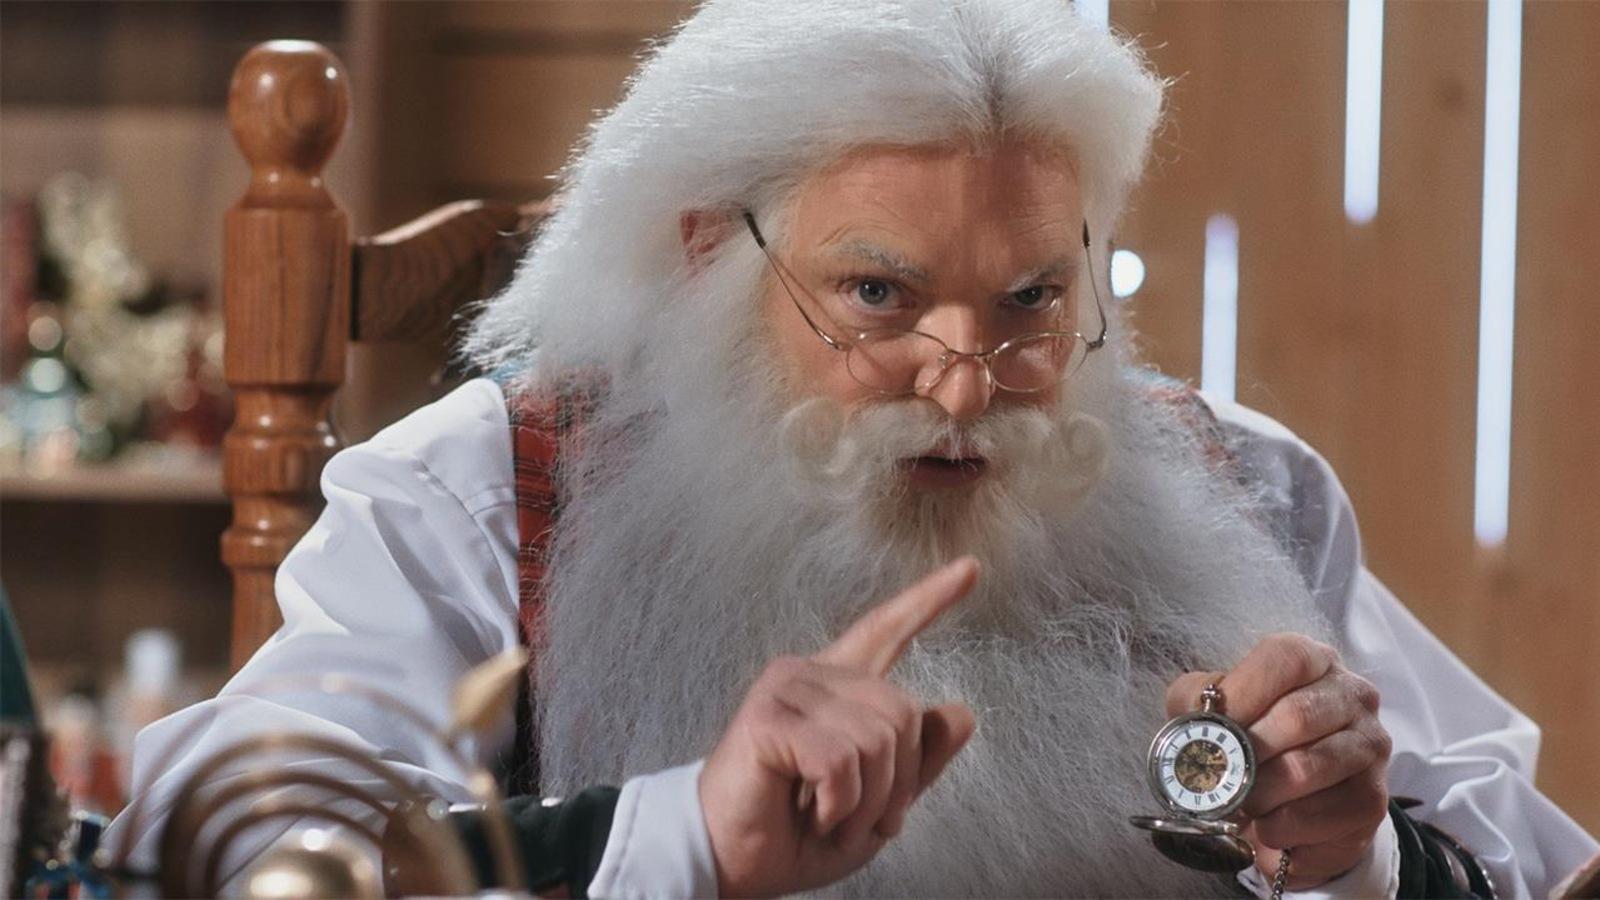 Nicolas Noël tient la montre magique entre ses doigts.